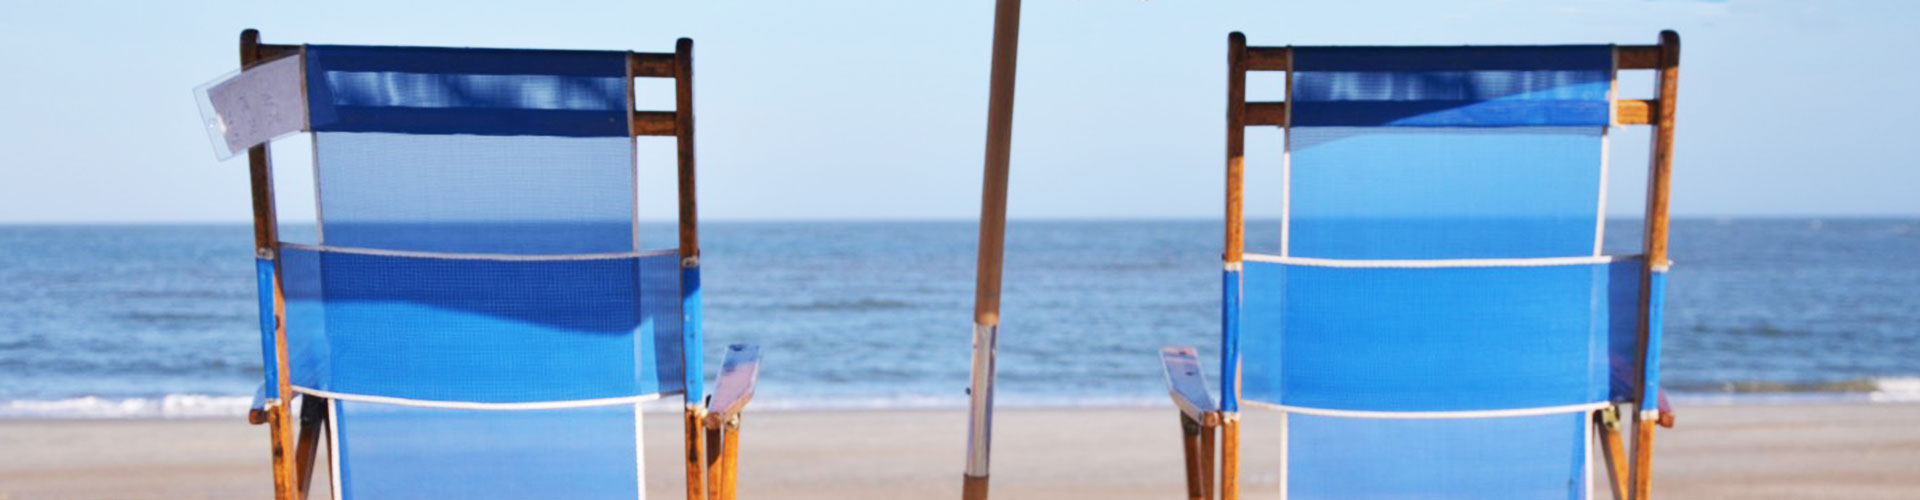 Sullivans Island Beach Chair Rentals